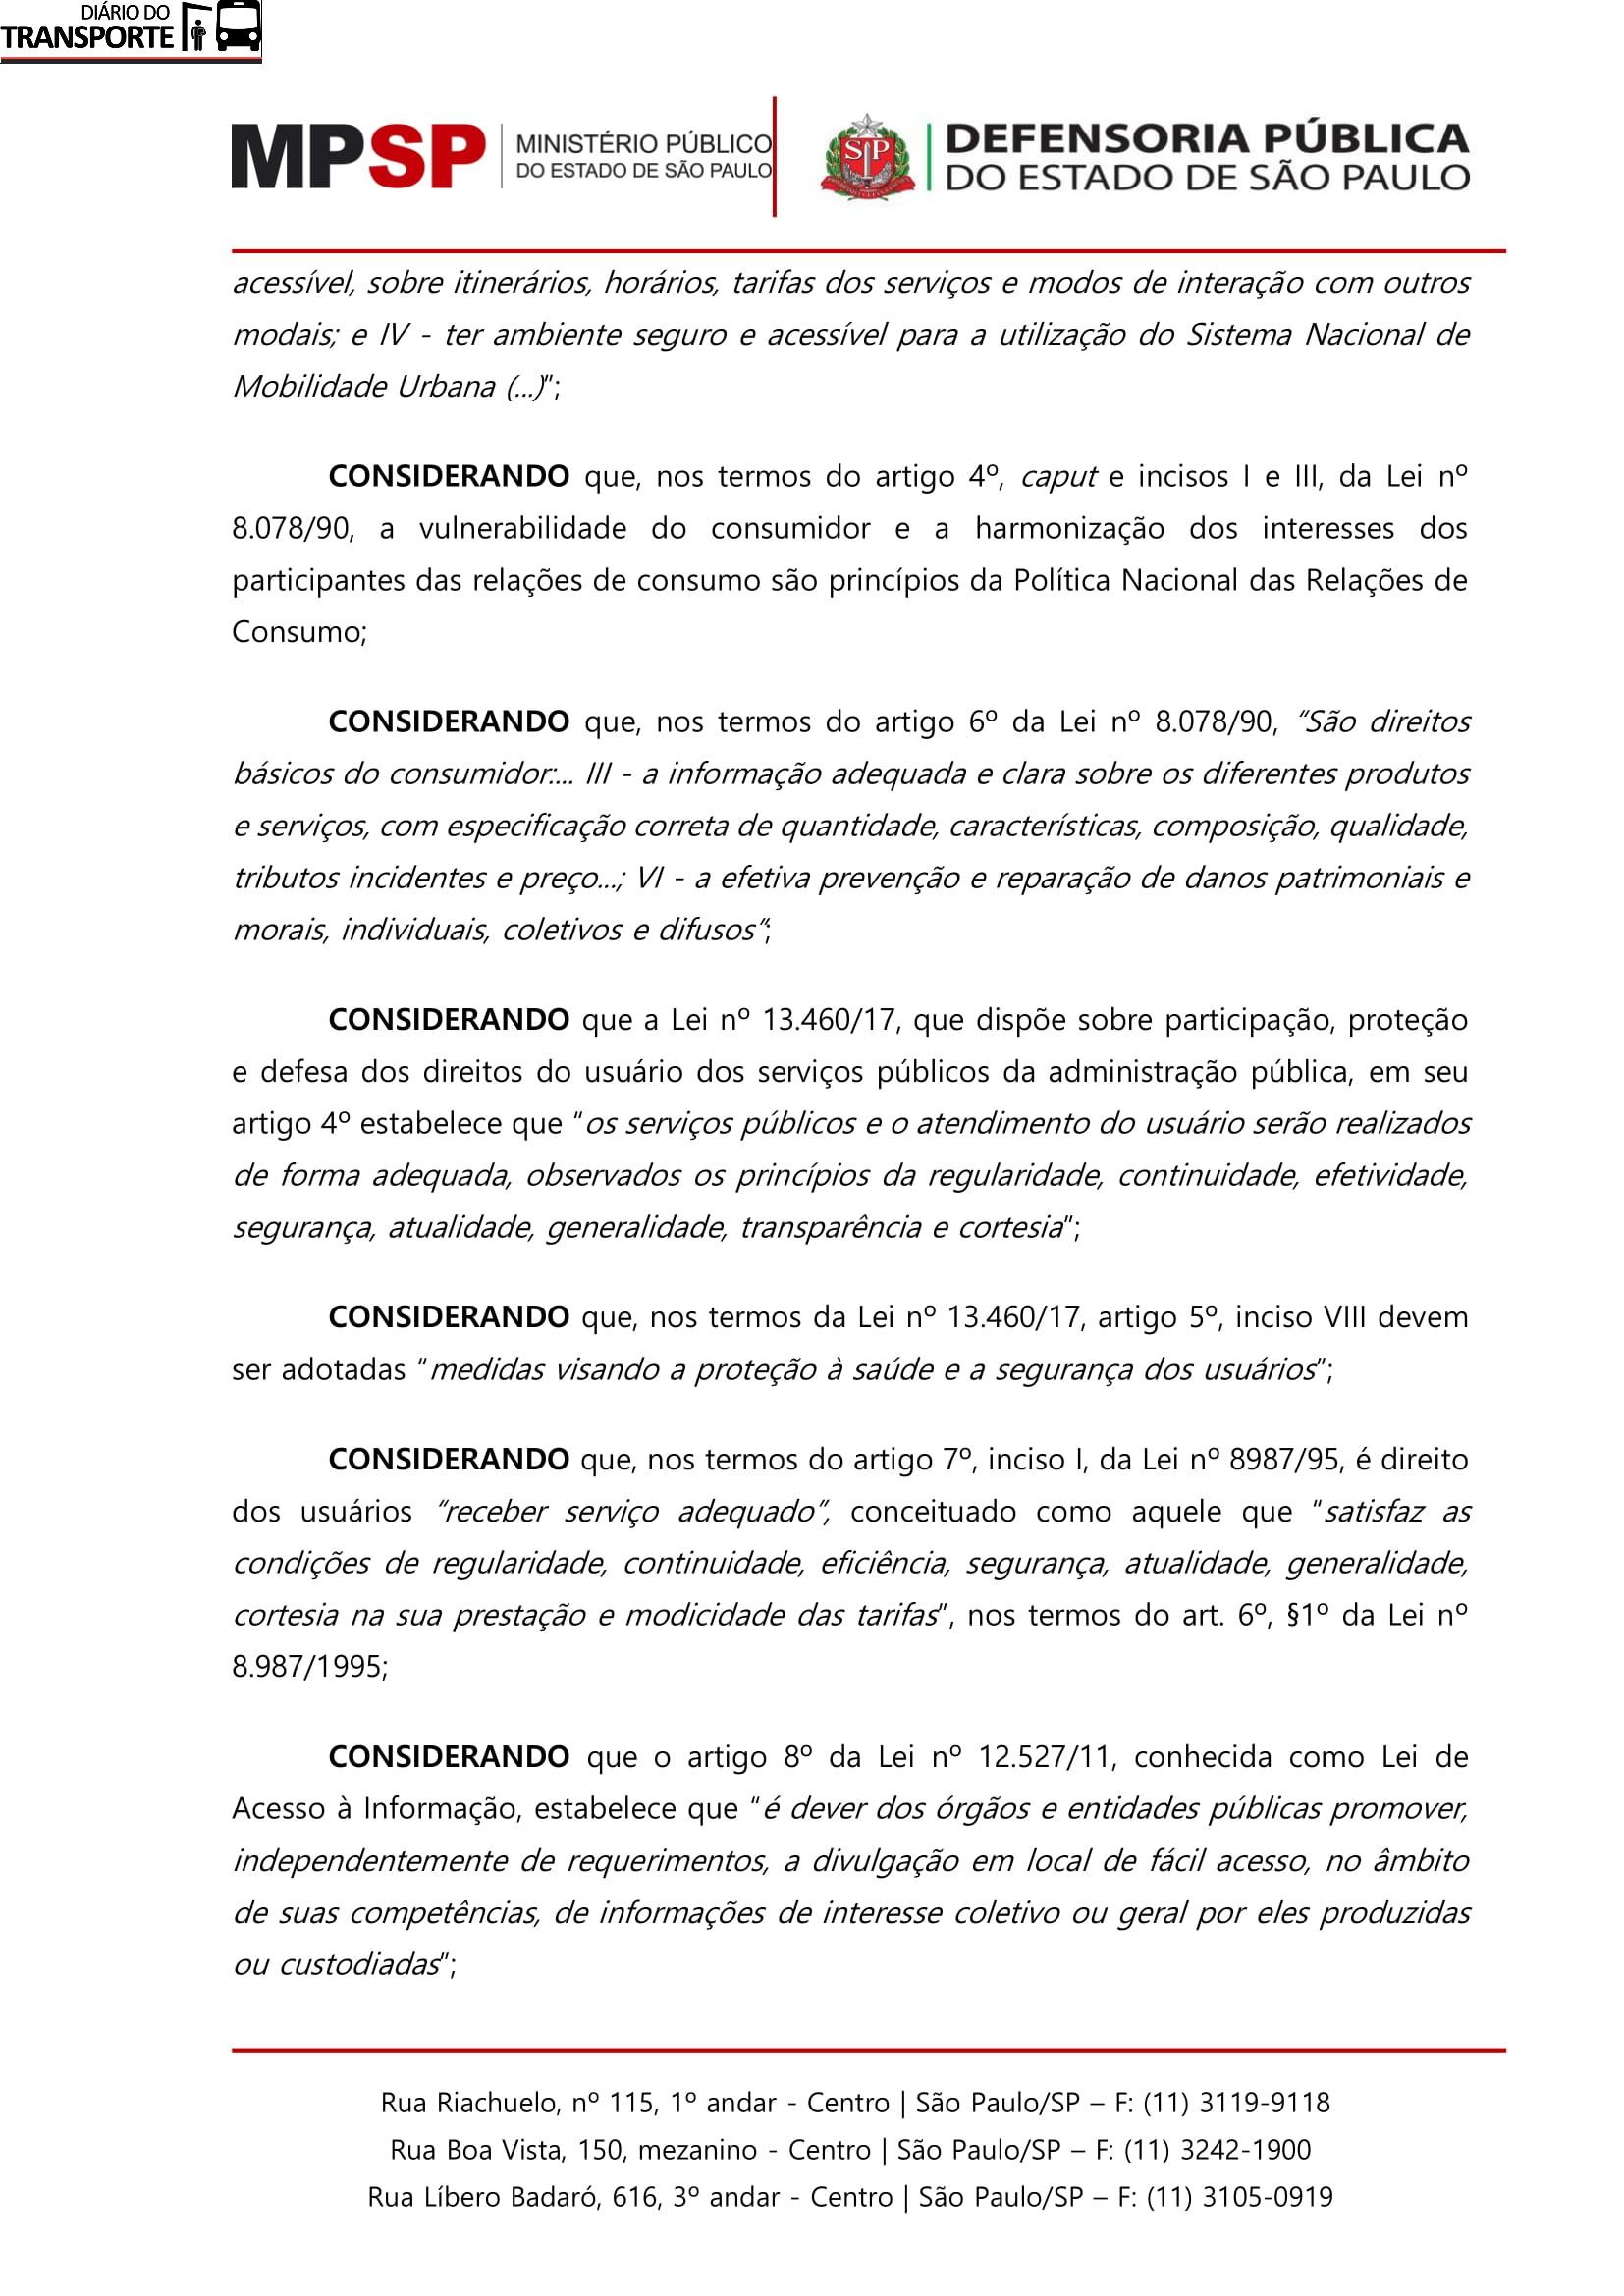 recomendação transporte_SPTRANS-04